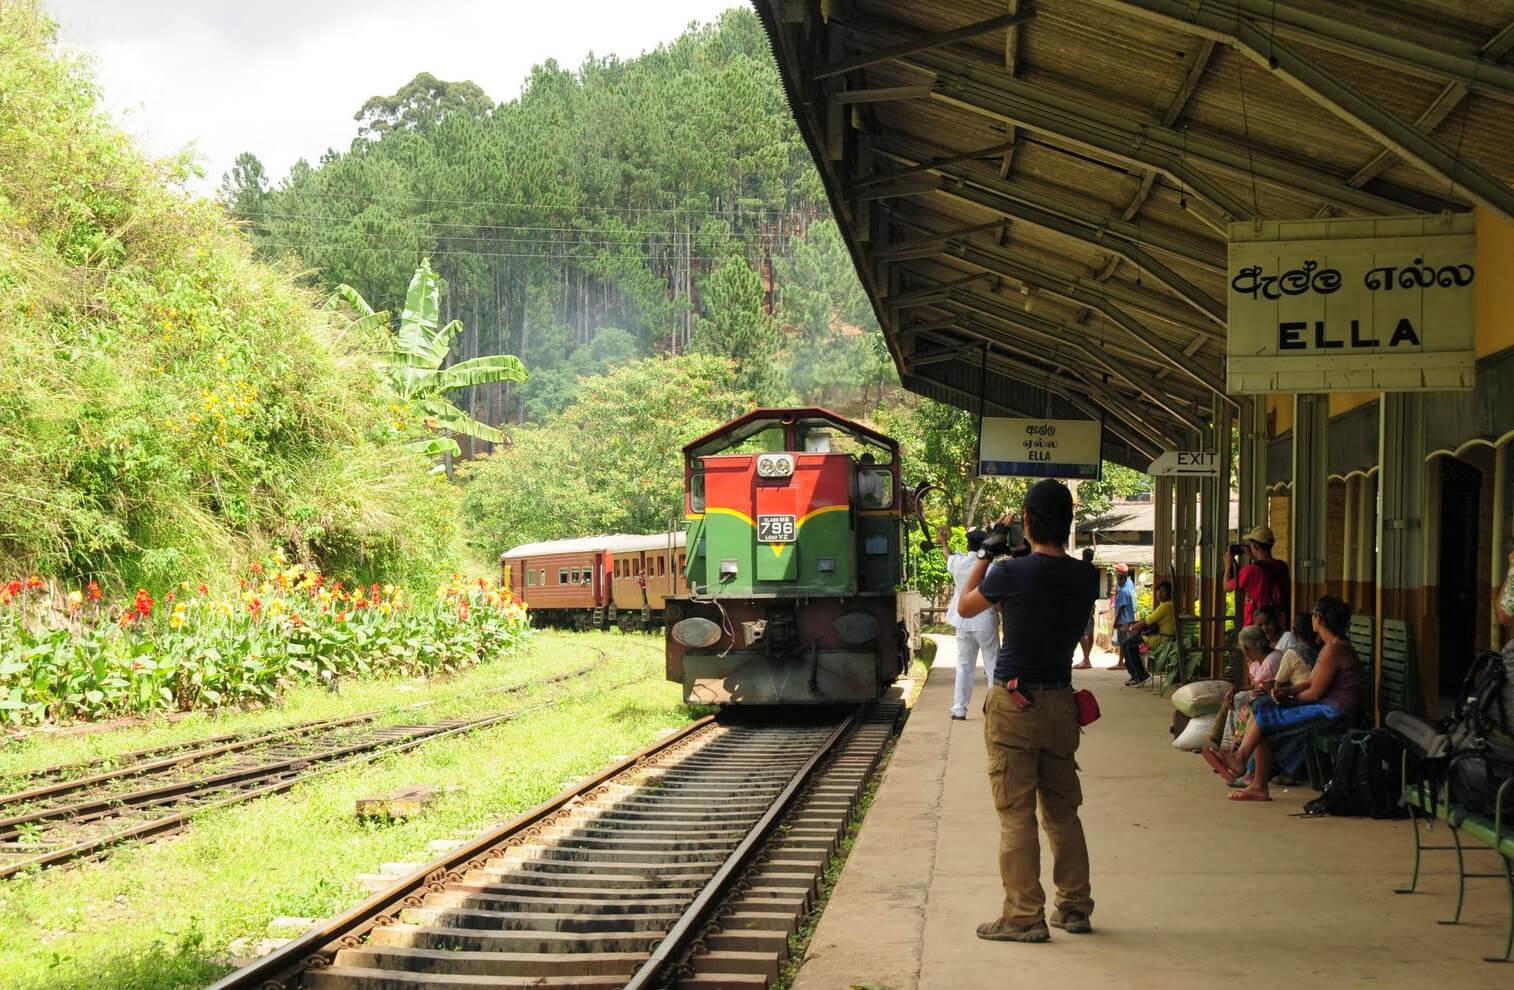 Станция Элла, Шри-Ланка